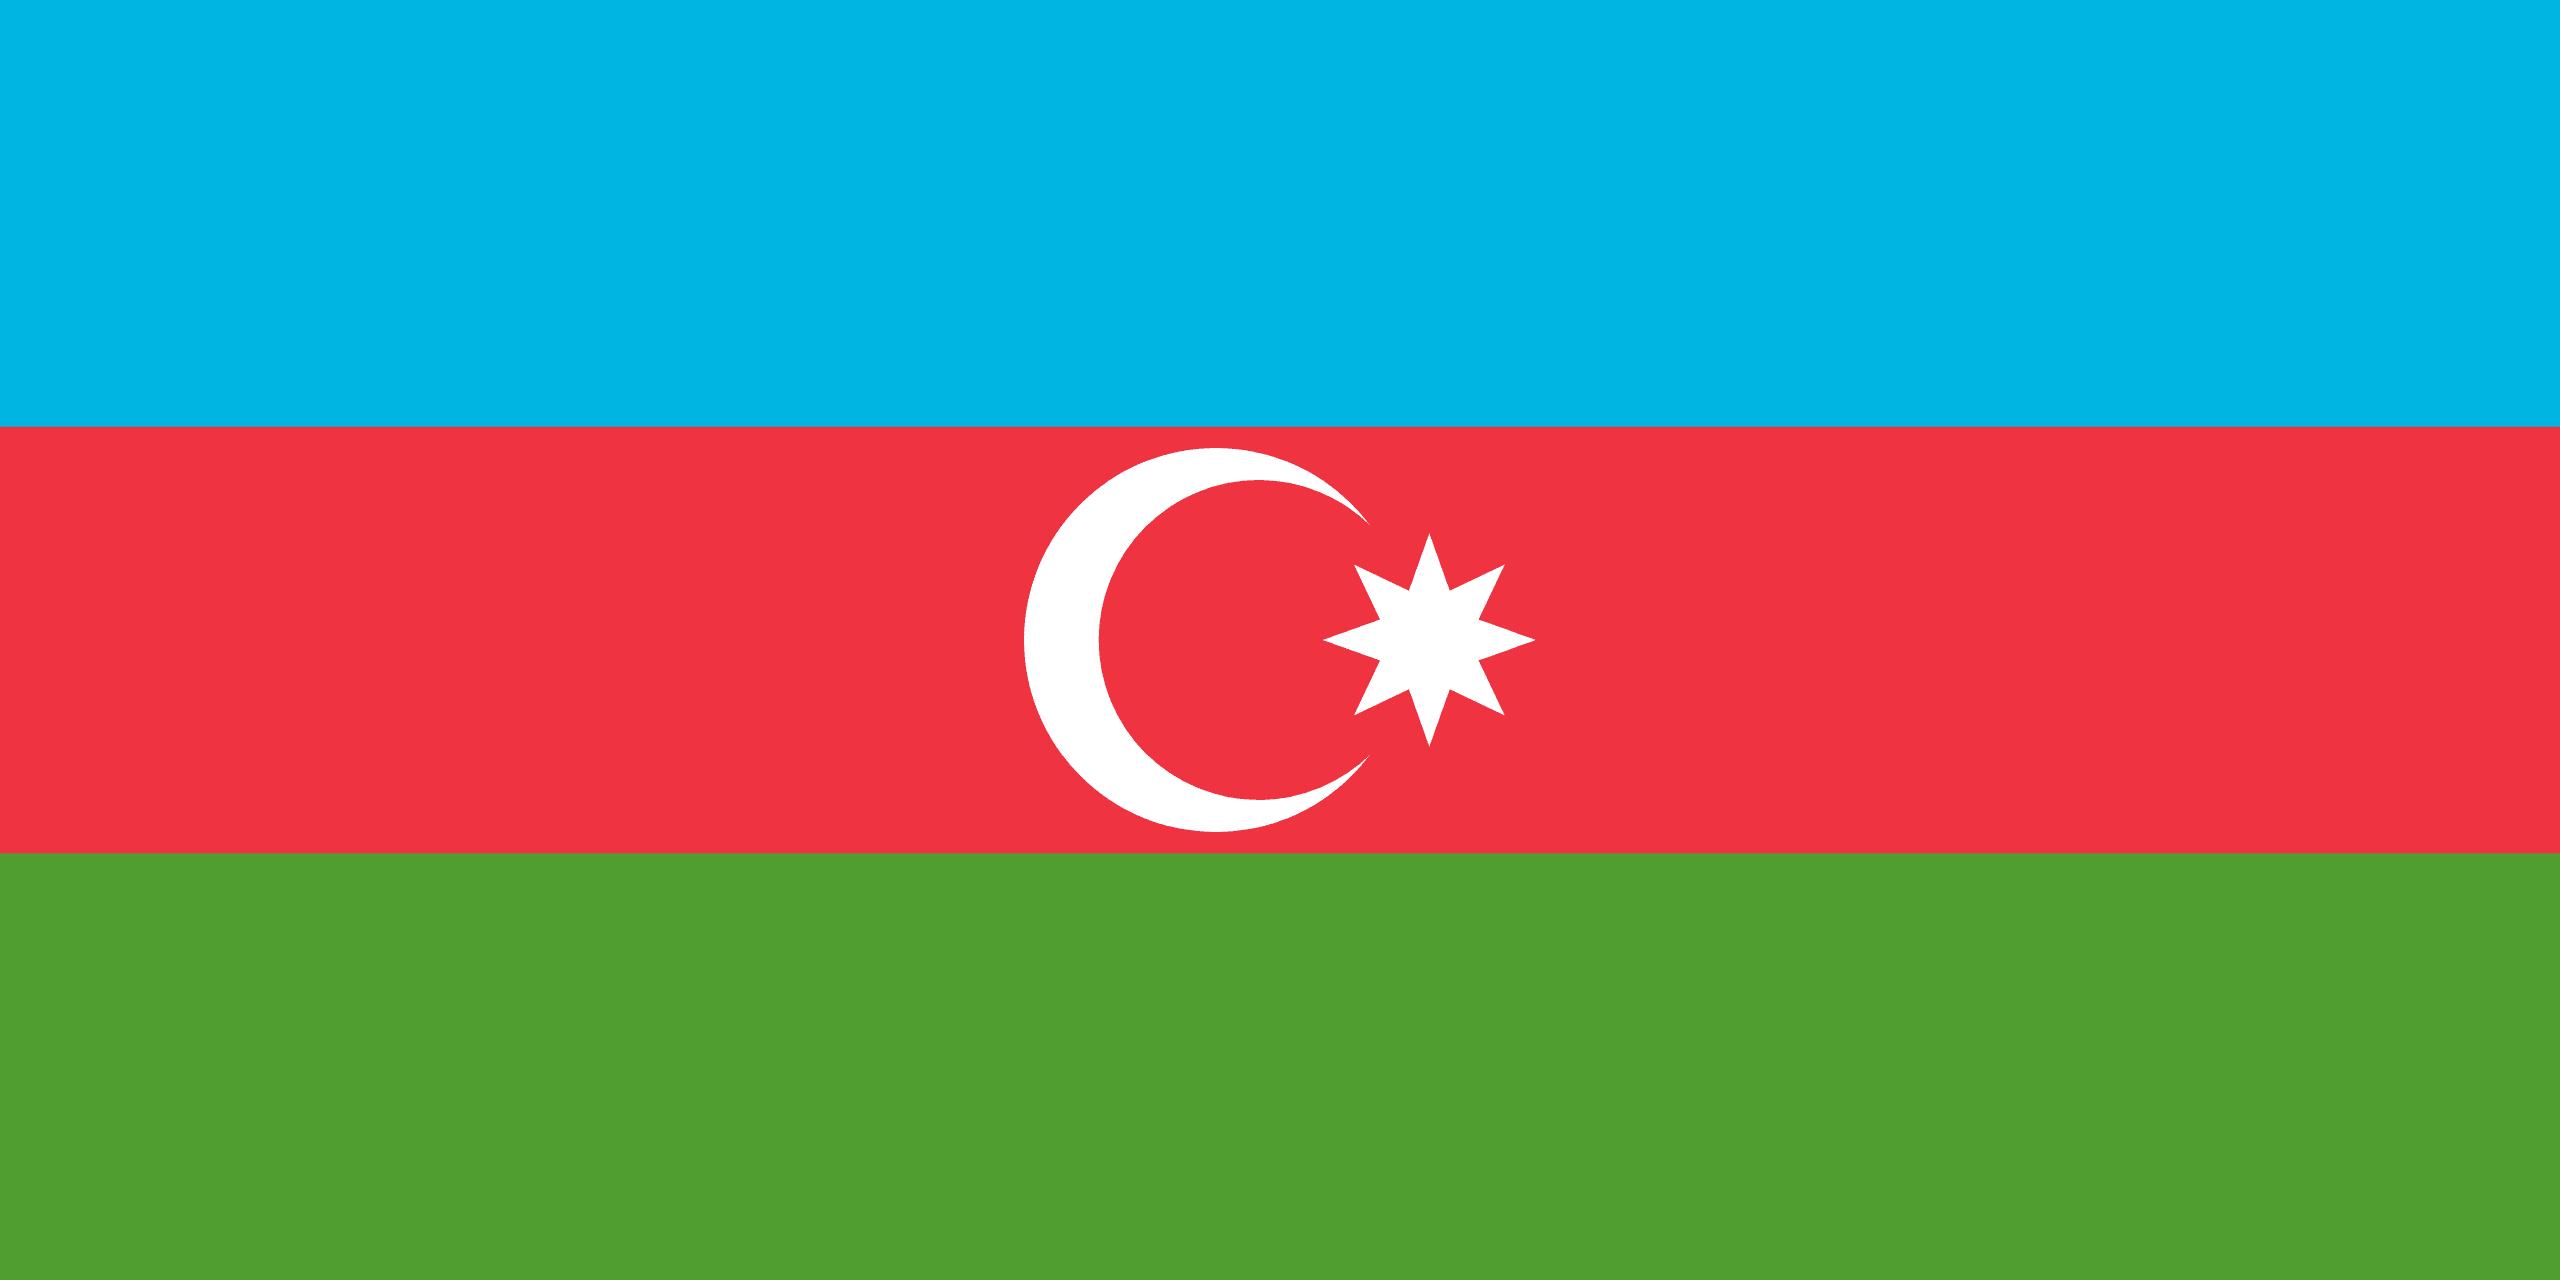 bahorgi